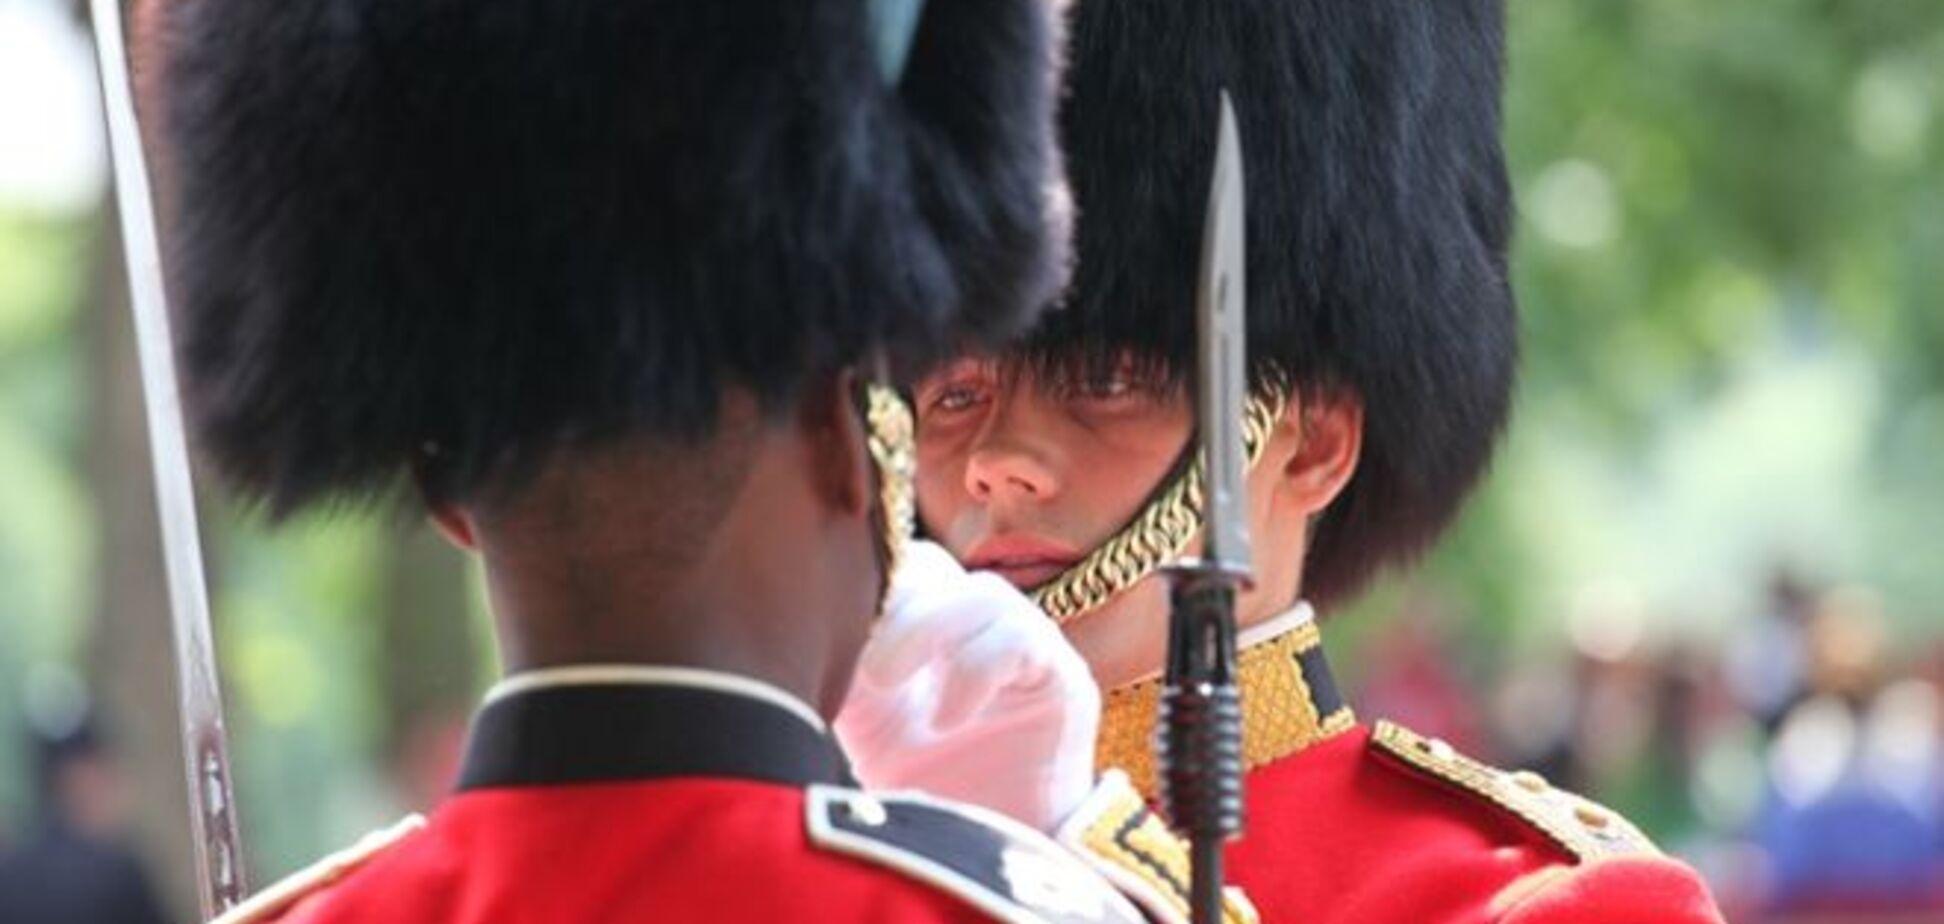 В Британии гвардеец круто прогнал наглого туриста: видеофакт